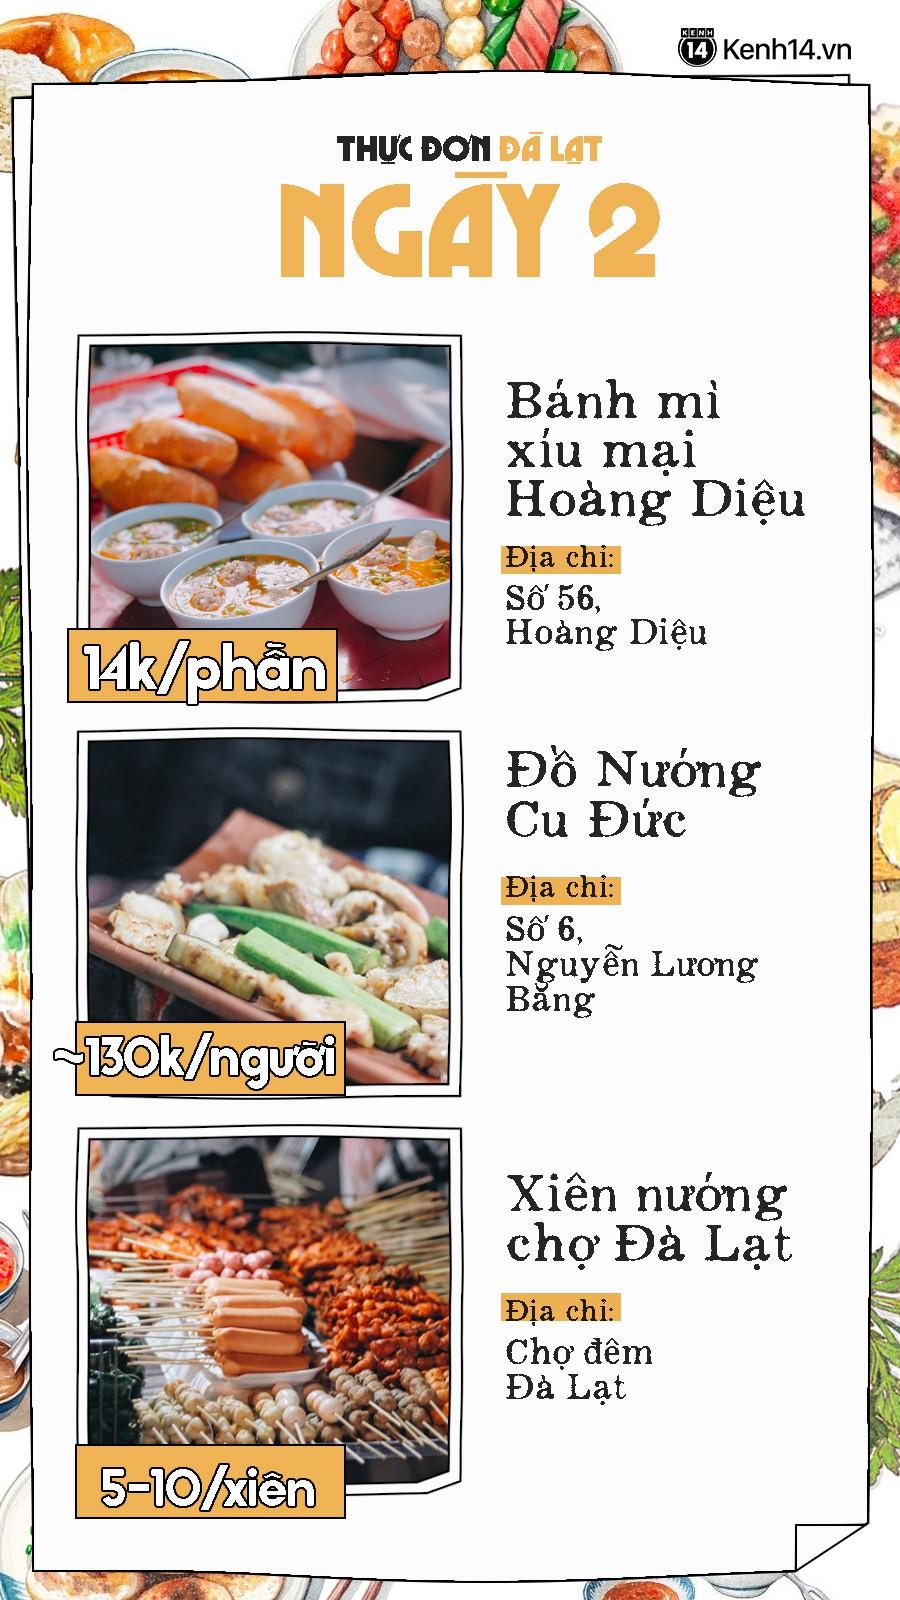 Đã có hẳn cẩm nang 7 ngày ăn ở Đà Lạt đây này, đi chơi chẳng lo phải nghĩ ngợi ăn gì ở đâu nữa - Ảnh 4.